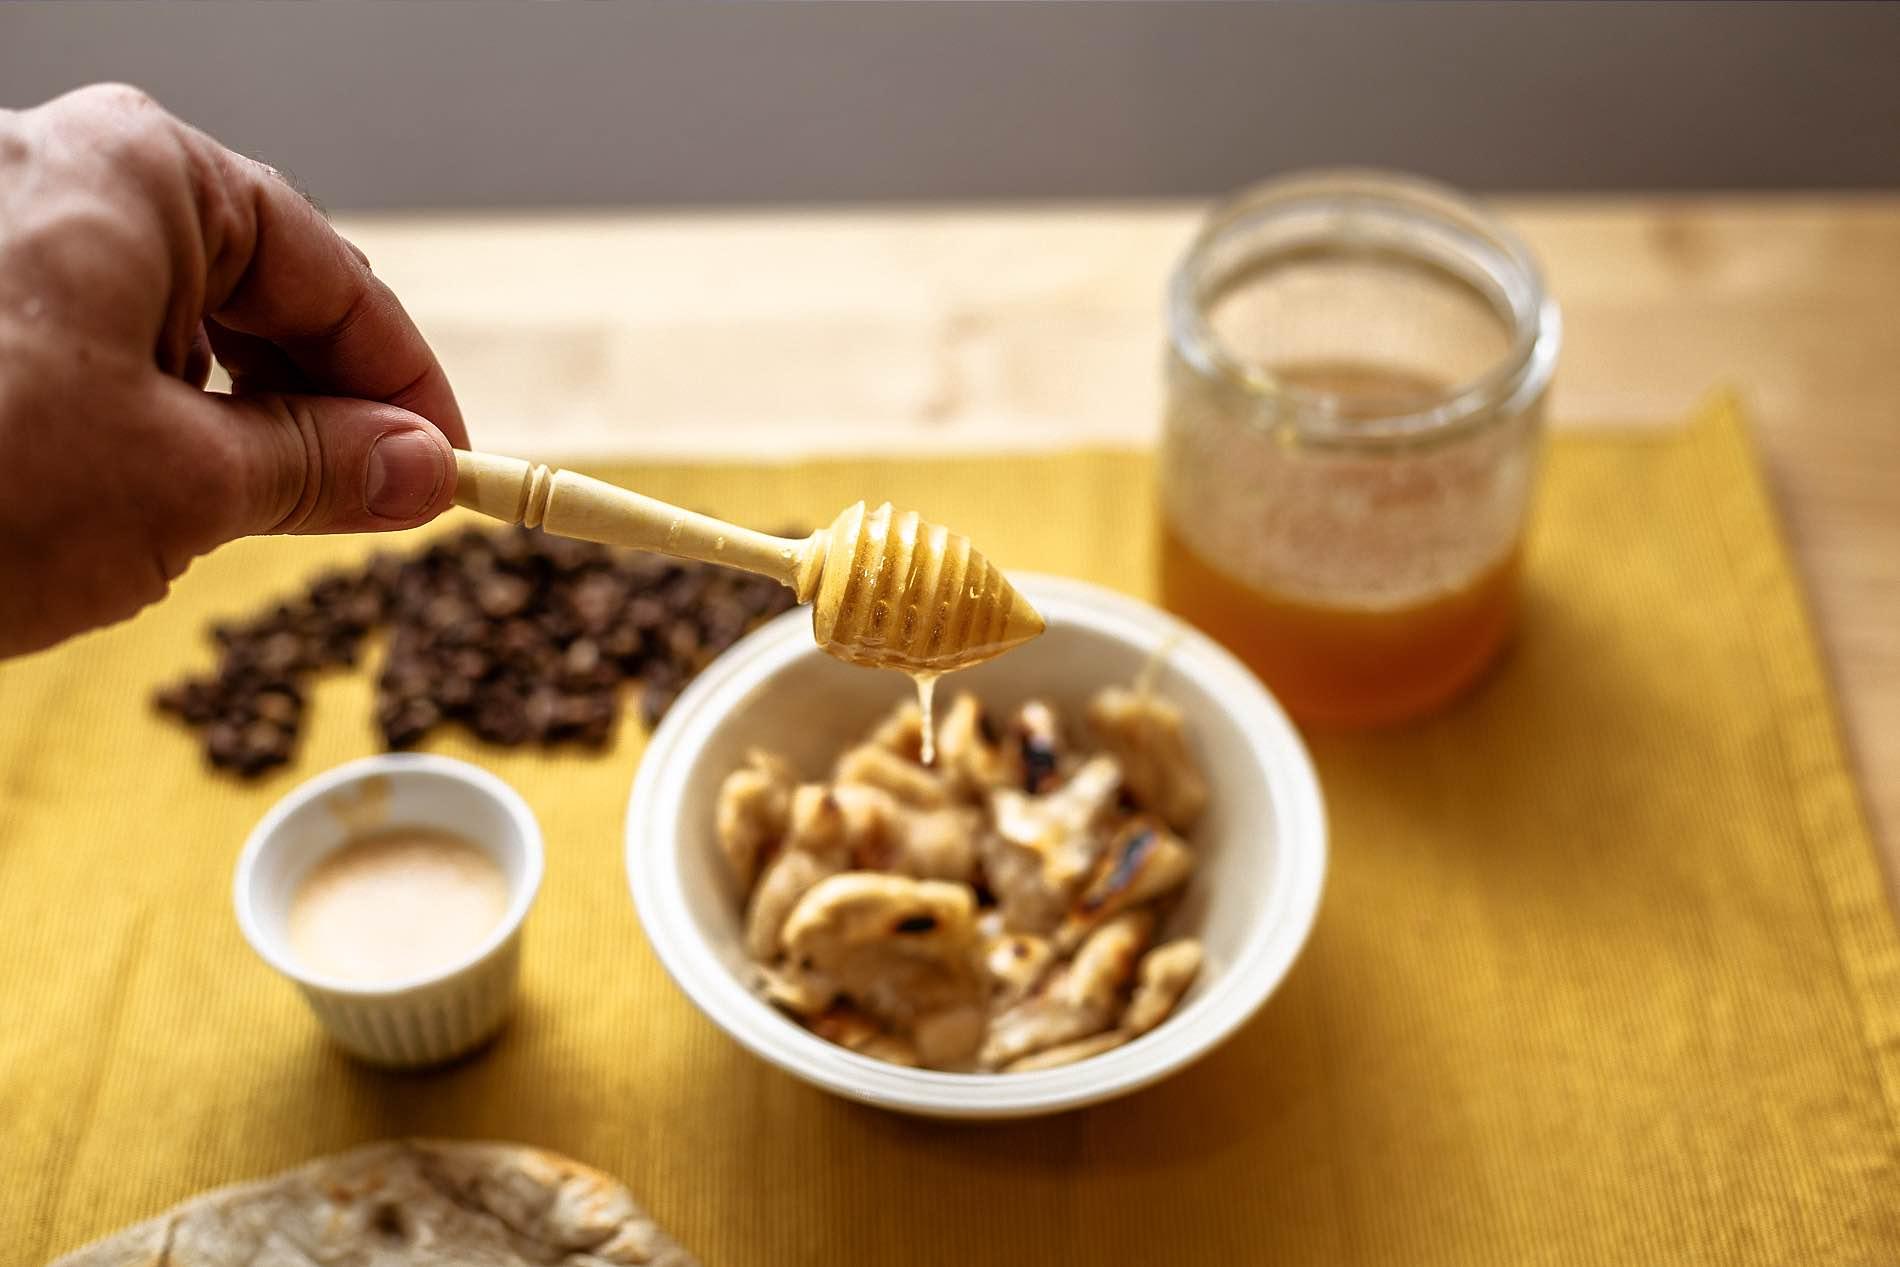 Foto einer Hand, die einen Honiglöffel hält von dem Honig tropft